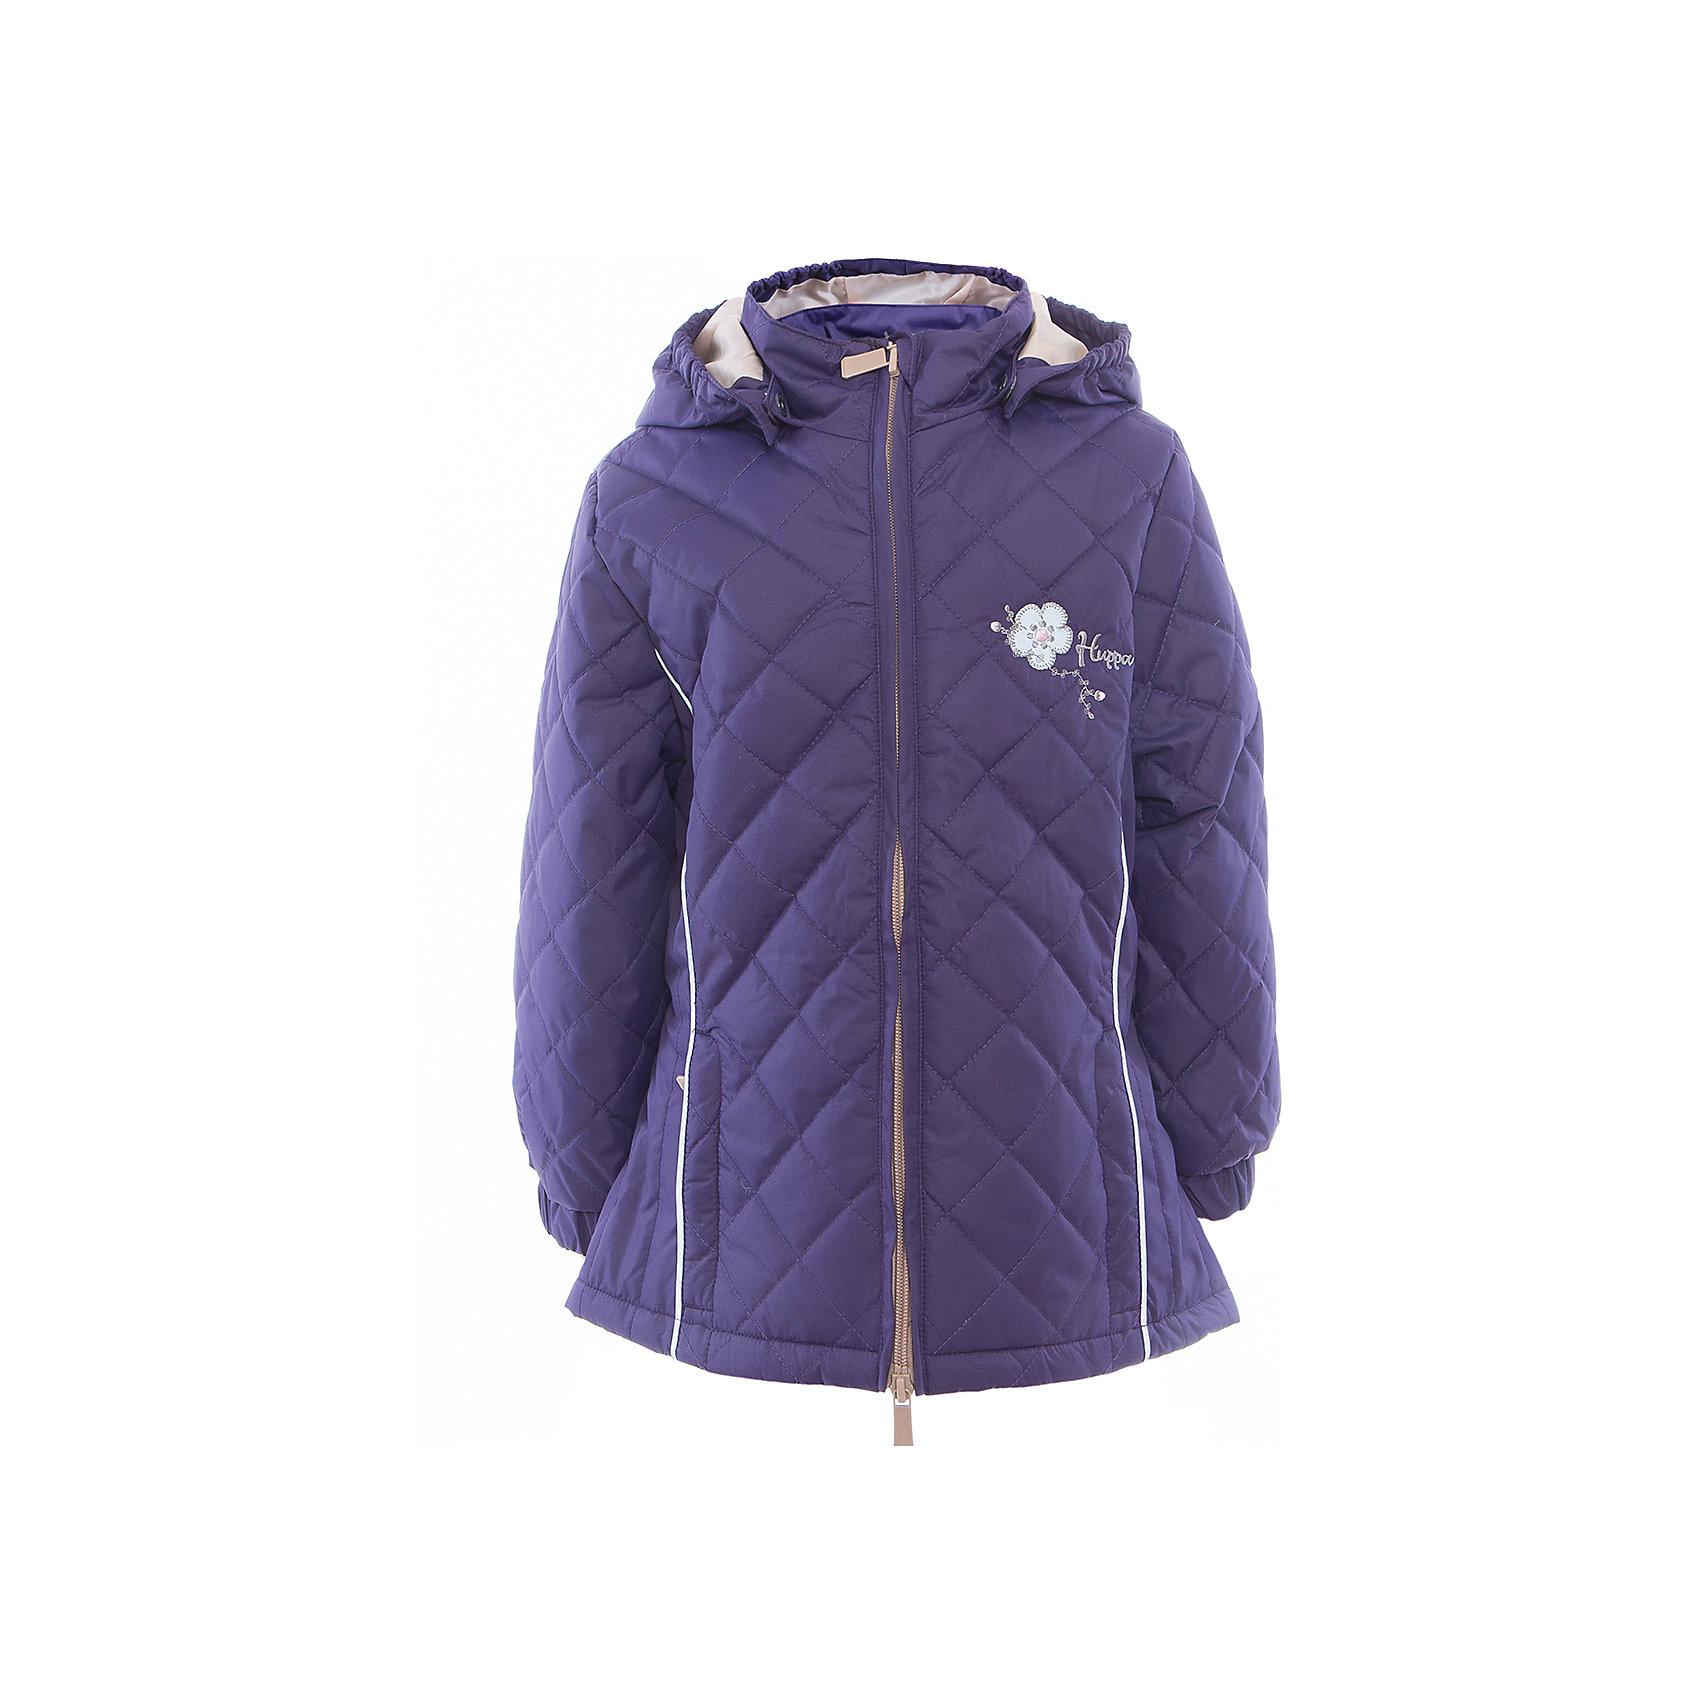 Куртка для девочки RIMMA HuppaХарактеристики товара:<br><br>• цвет: тёмно-фиолетовый<br>• ткань: 100% полиэстер<br>• подкладка: тафта - 100% полиэстер<br>• утеплитель: 100% полиэстер 100 г<br>• температурный режим: от -5°С до +10°С<br>• водонепроницаемость: 5000 мм<br>• воздухопроницаемость: 5000 мм<br>• светоотражающие детали<br>• эластичные манжеты<br>• молния<br>• съёмный капюшон с резинкой<br>• декорирована вышивкой<br>• карманы на молнии<br>• комфортная посадка<br>• коллекция: весна-лето 2017<br>• страна бренда: Эстония<br><br>Эта стильная куртка обеспечит детям тепло и комфорт. Она сделана из материала, отталкивающего воду, и дополнено подкладкой с утеплителем, поэтому изделие идеально подходит для межсезонья. Материал изделия - с мембранной технологией: защищая от влаги и ветра, он легко выводит лишнюю влагу наружу. Для удобства сделан капюшон. Куртка очень симпатично смотрится, яркая расцветка и крой добавляют ему оригинальности. Модель была разработана специально для детей.<br><br>Одежда и обувь от популярного эстонского бренда Huppa - отличный вариант одеть ребенка можно и комфортно. Вещи, выпускаемые компанией, качественные, продуманные и очень удобные. Для производства изделий используются только безопасные для детей материалы. Продукция от Huppa порадует и детей, и их родителей!<br><br>Куртку для девочки RIMMA от бренда Huppa (Хуппа) можно купить в нашем интернет-магазине.<br><br>Ширина мм: 356<br>Глубина мм: 10<br>Высота мм: 245<br>Вес г: 519<br>Цвет: розовый<br>Возраст от месяцев: 144<br>Возраст до месяцев: 156<br>Пол: Женский<br>Возраст: Детский<br>Размер: 158,104,110,116,122,128,134,140,146,152<br>SKU: 5346894